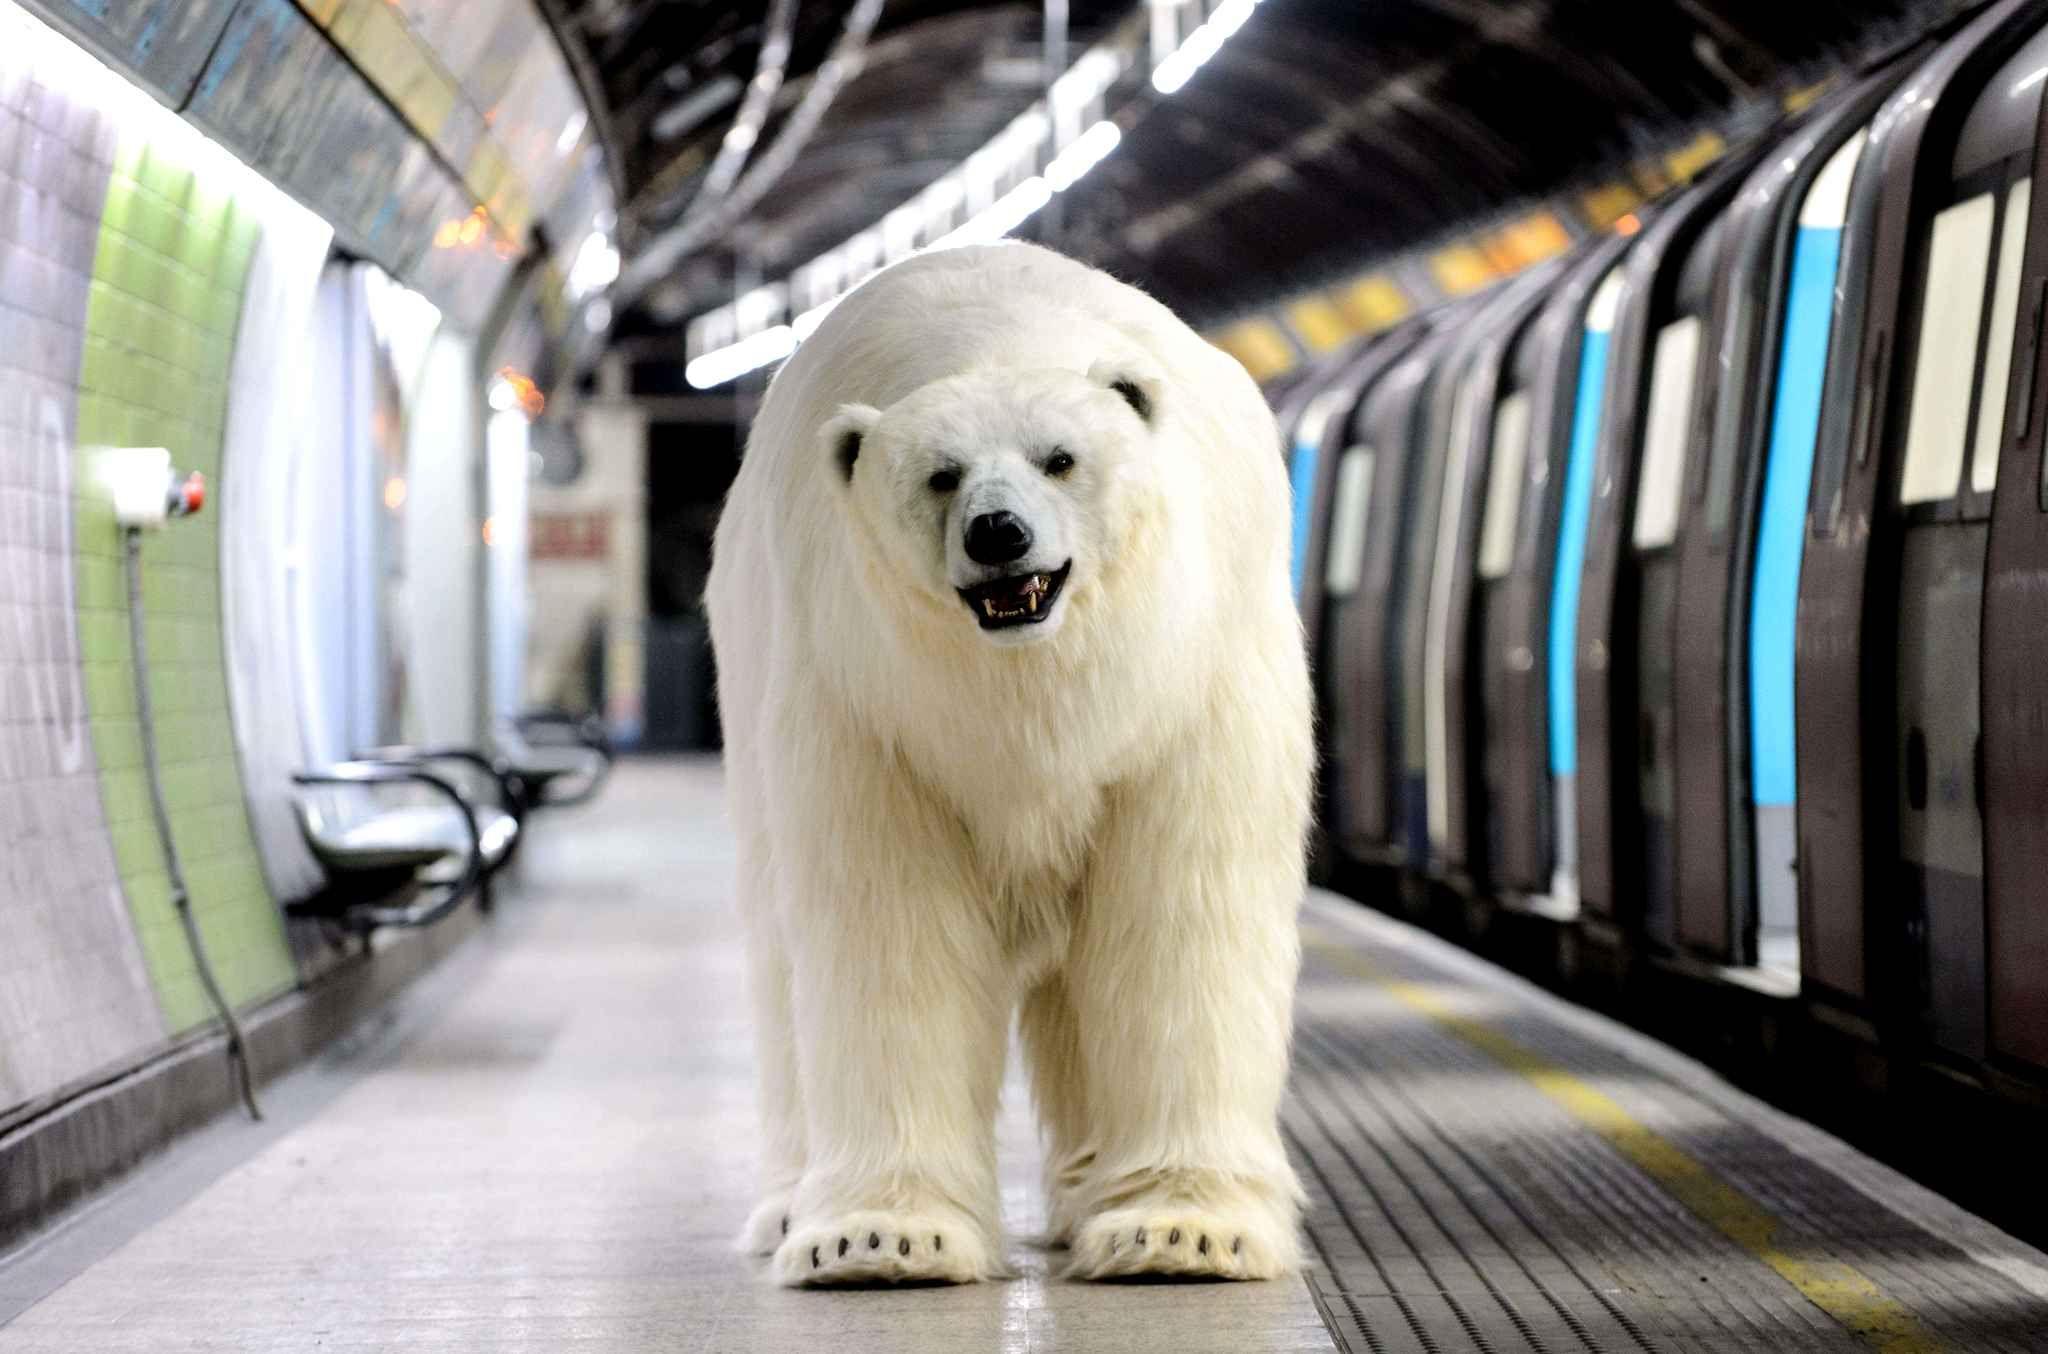 Pas de panique, il ne s'agit pas d'un vrai ours polaire envahissant le métro londonien, mais d'un coup de pub pour la série Fortitude sur Sky Atlantic.